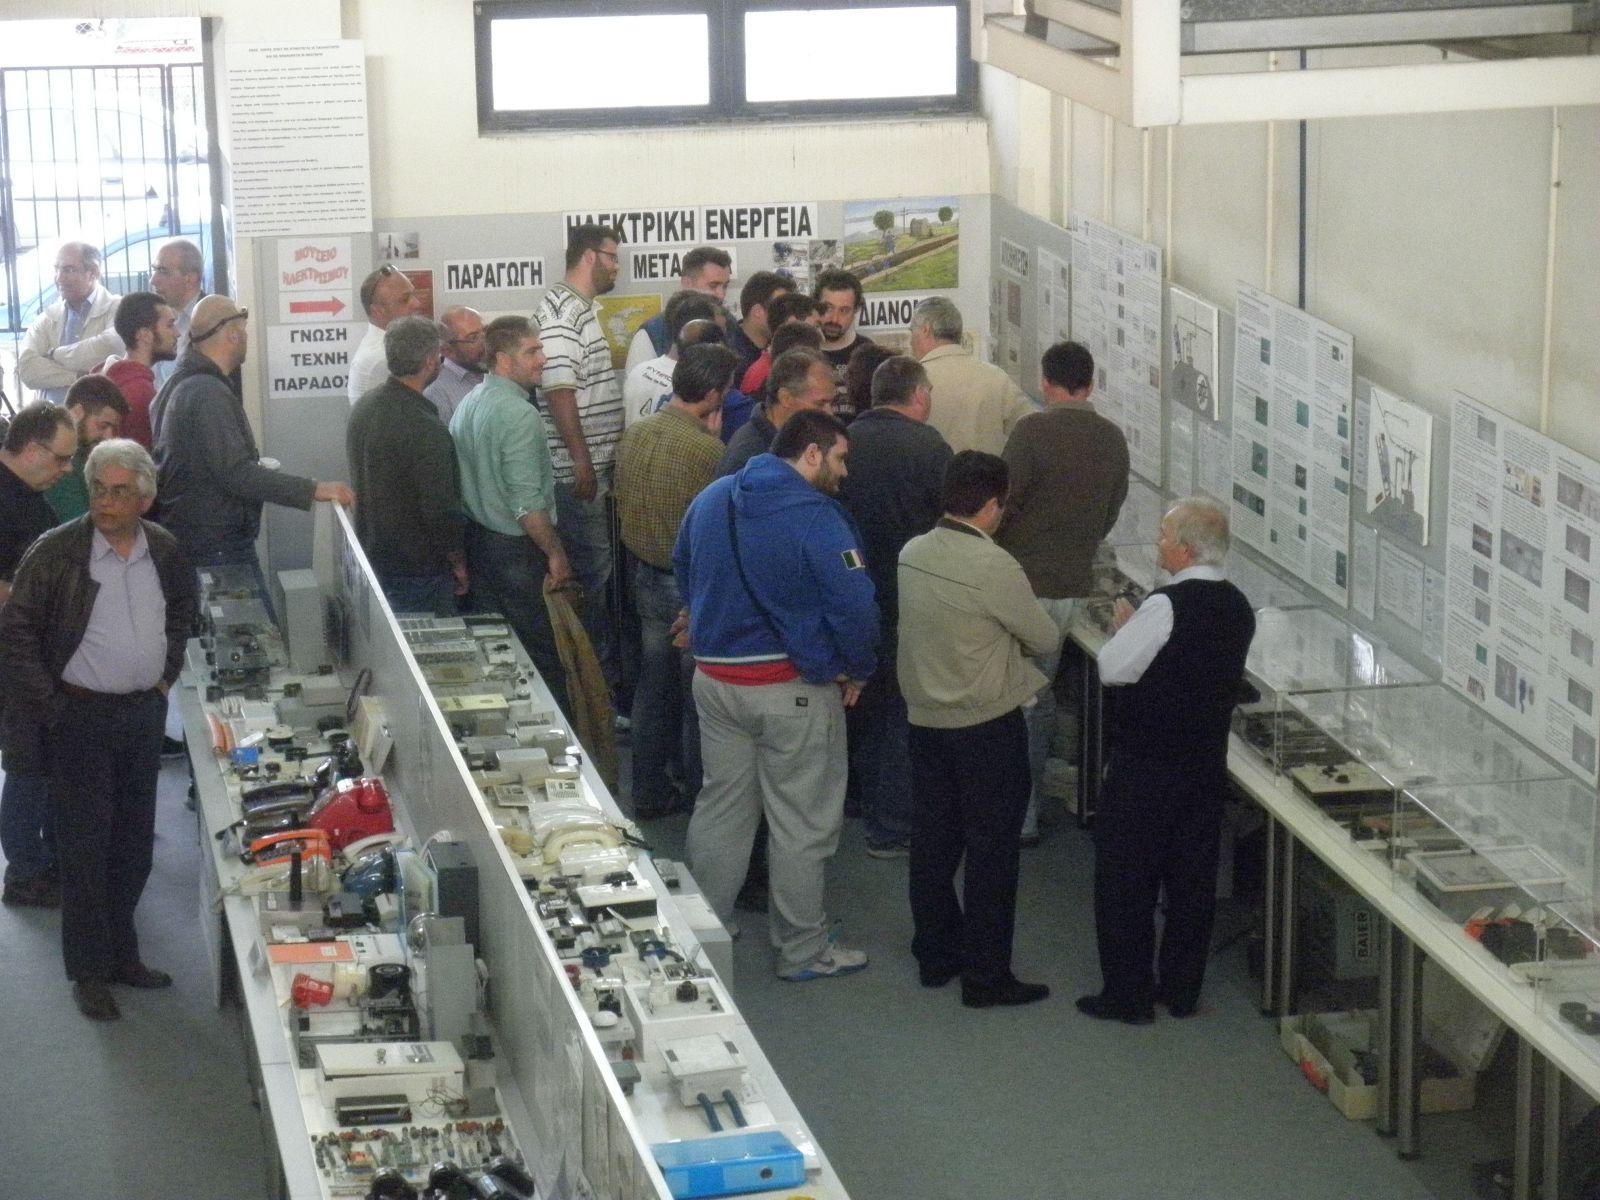 5η Επίσκεψη στο Μουσείο Ηλεκτρισμού